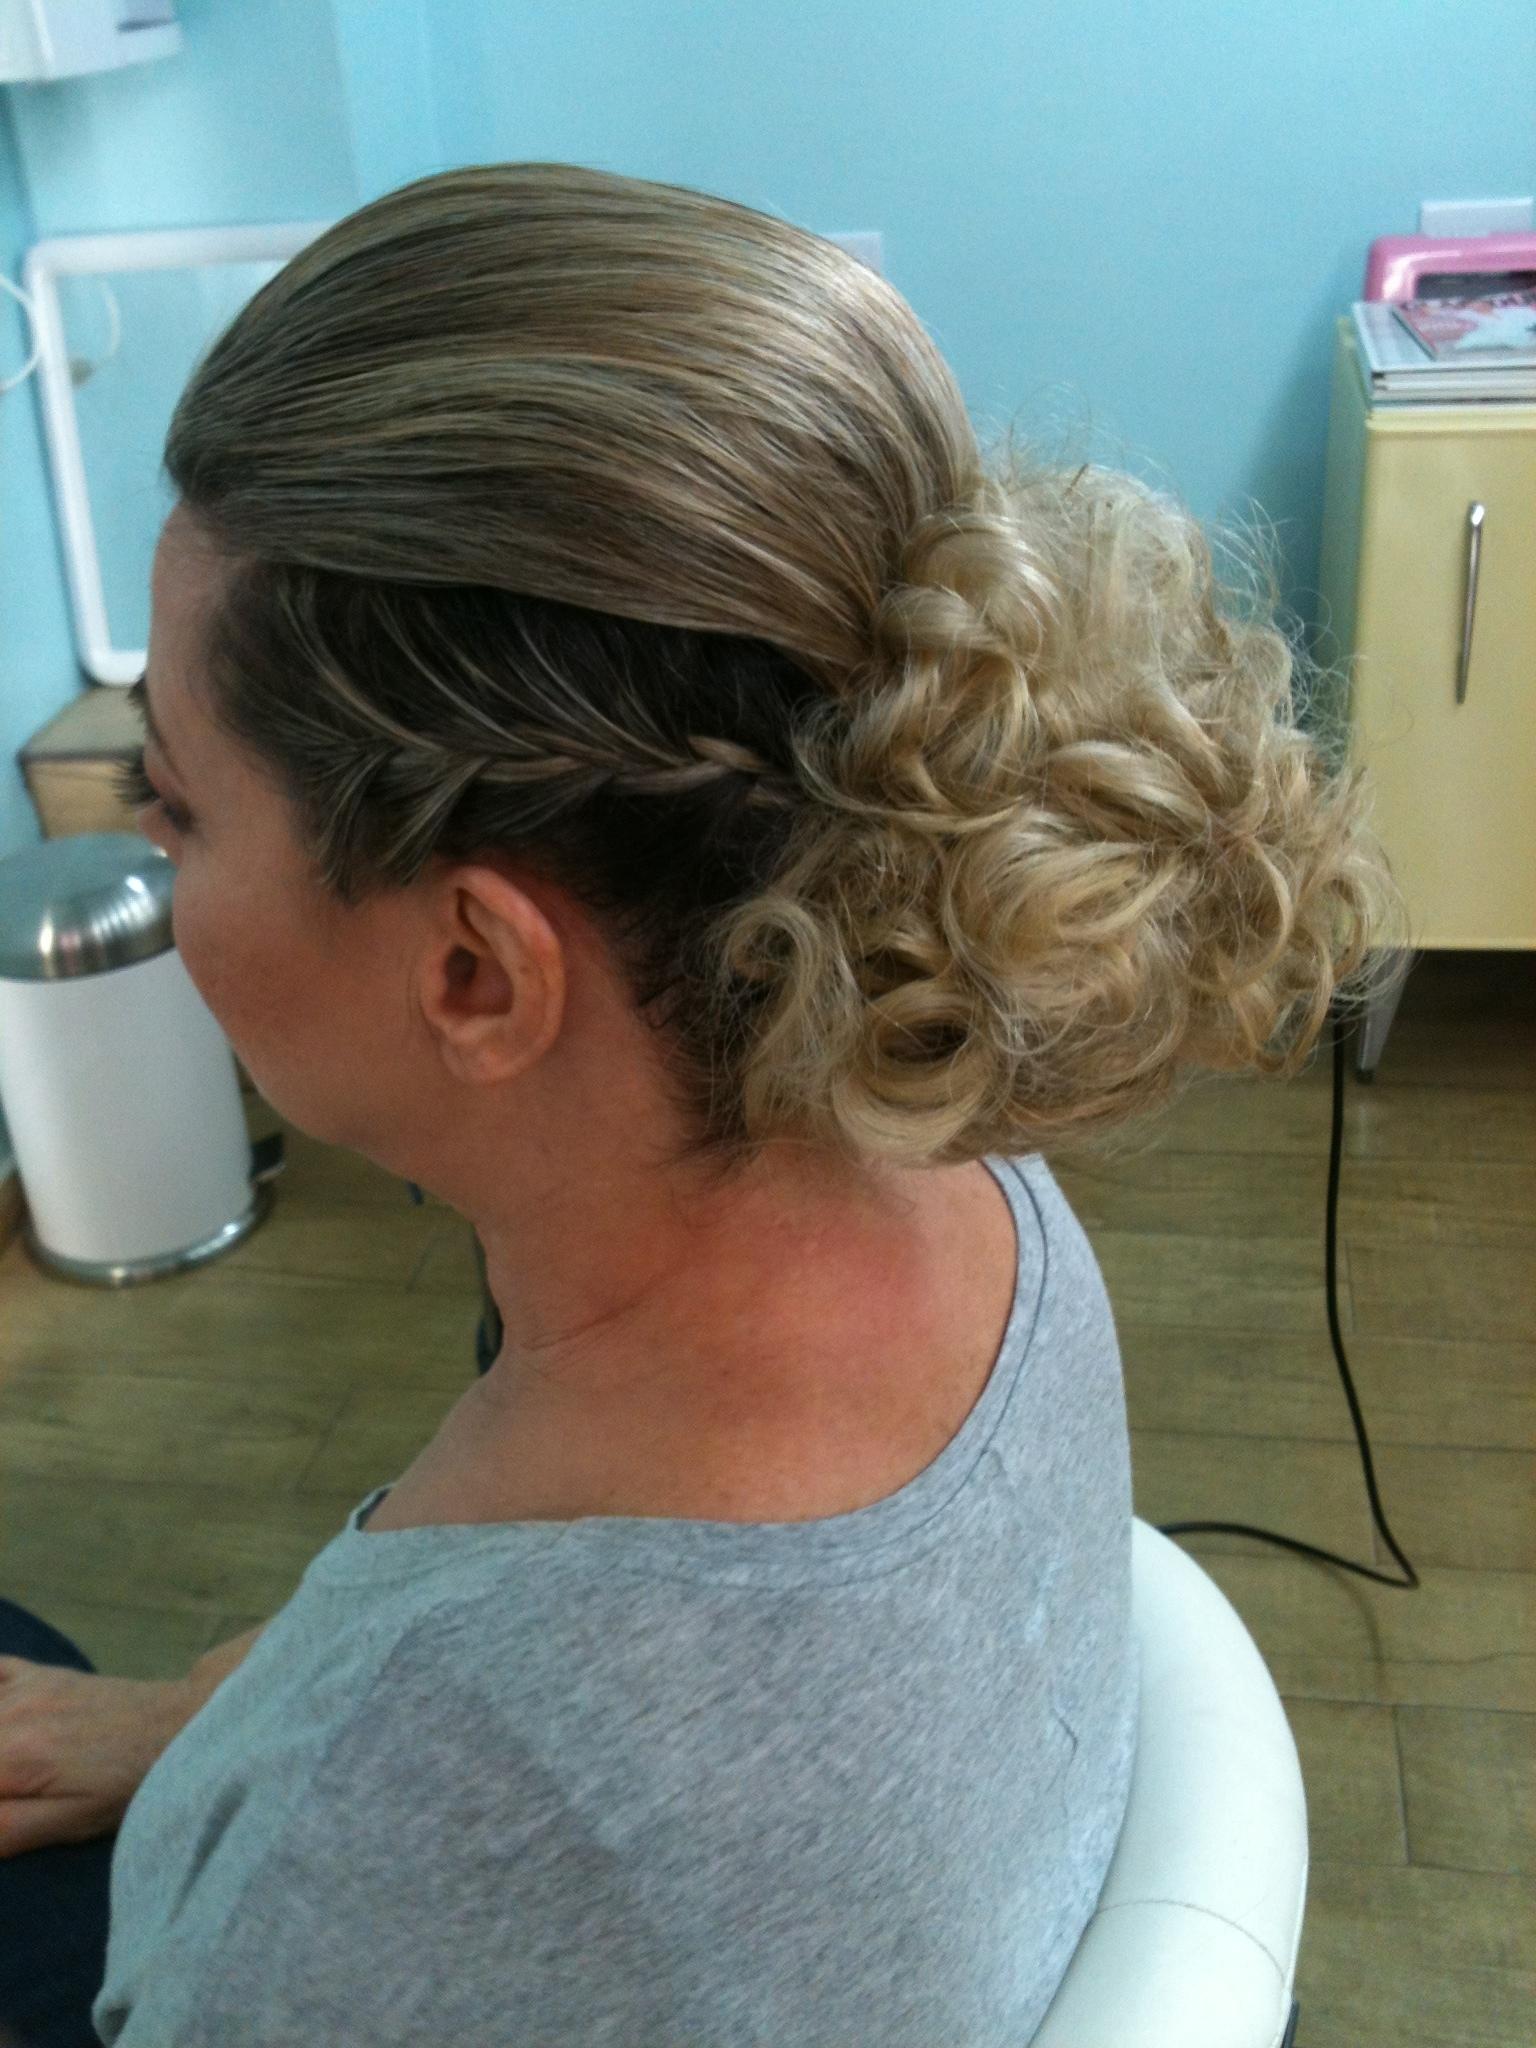 penteado, coque, transa  cabelo  cabeleireiro(a) maquiador(a)